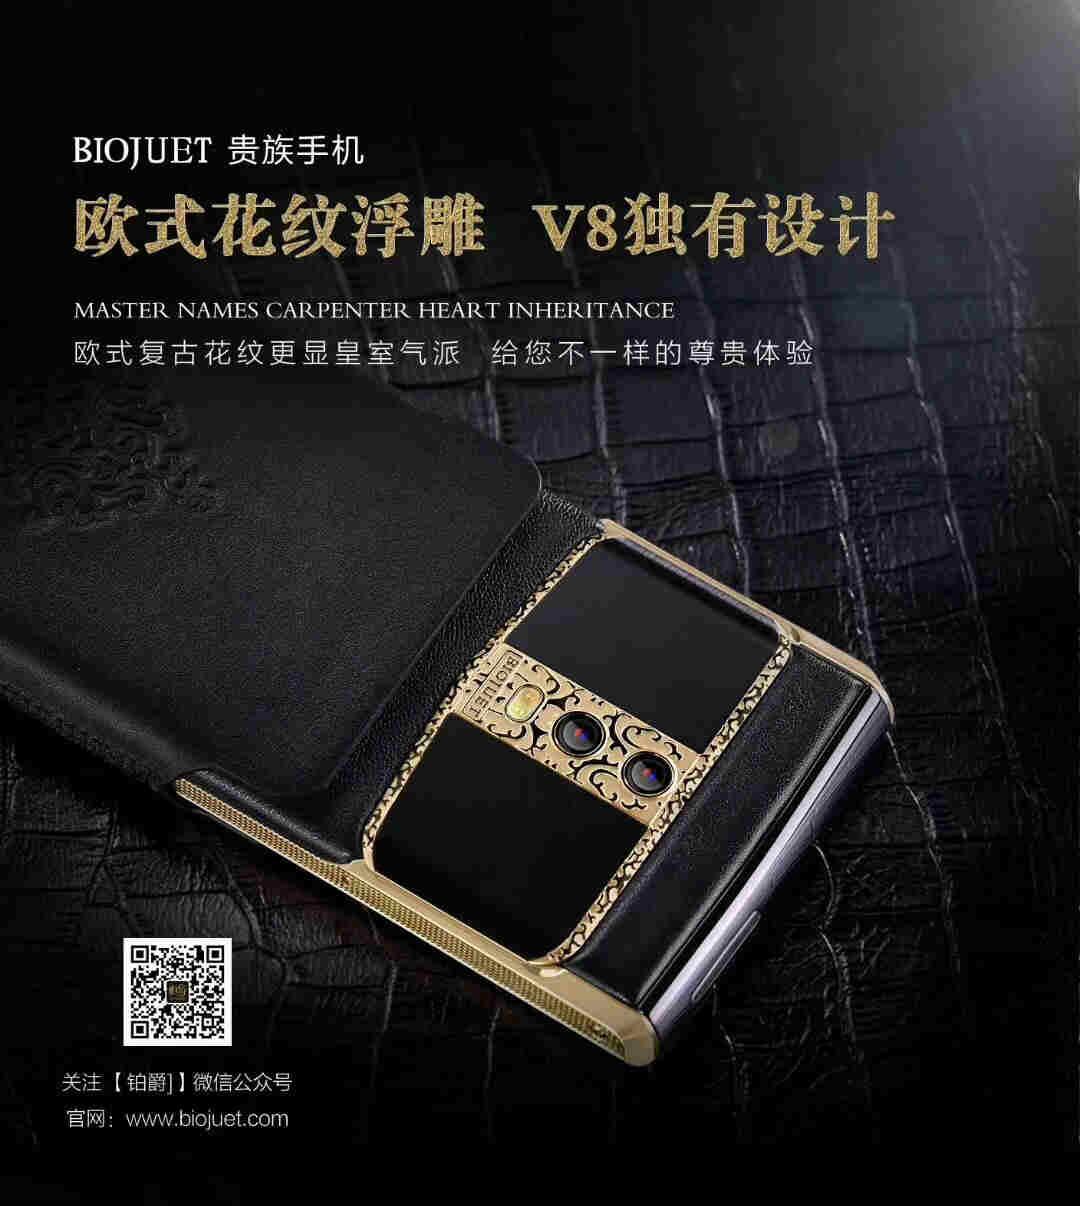 意大利奢侈品牌手机,奢侈品手机,轻奢手机,轻奢时尚手机